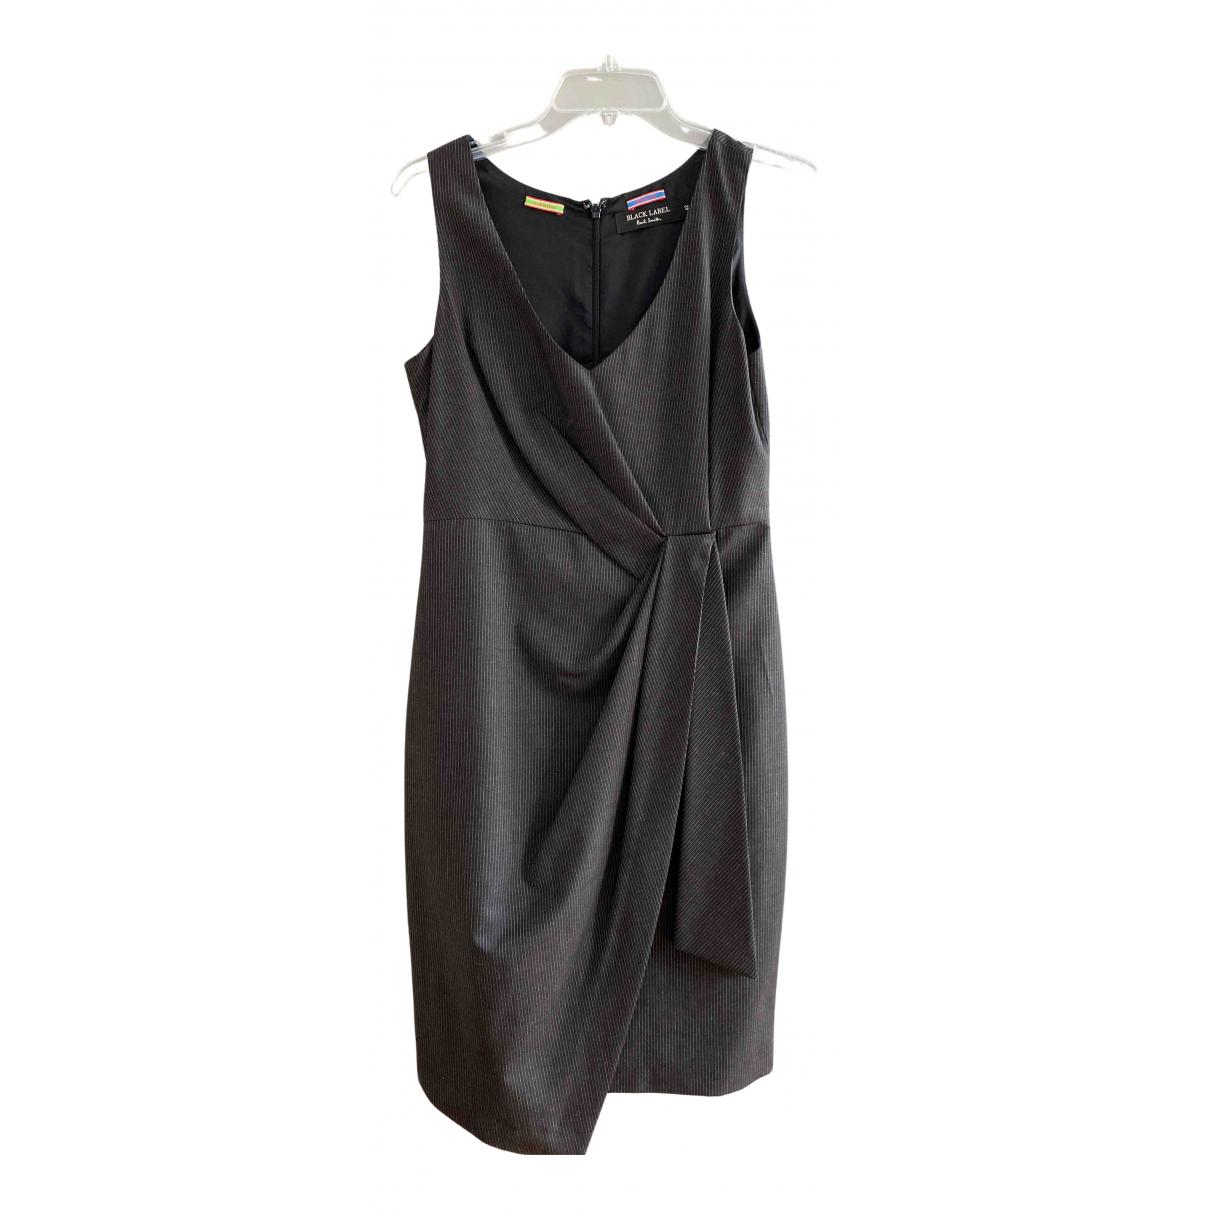 Paul Smith \N Kleid in  Grau Wolle